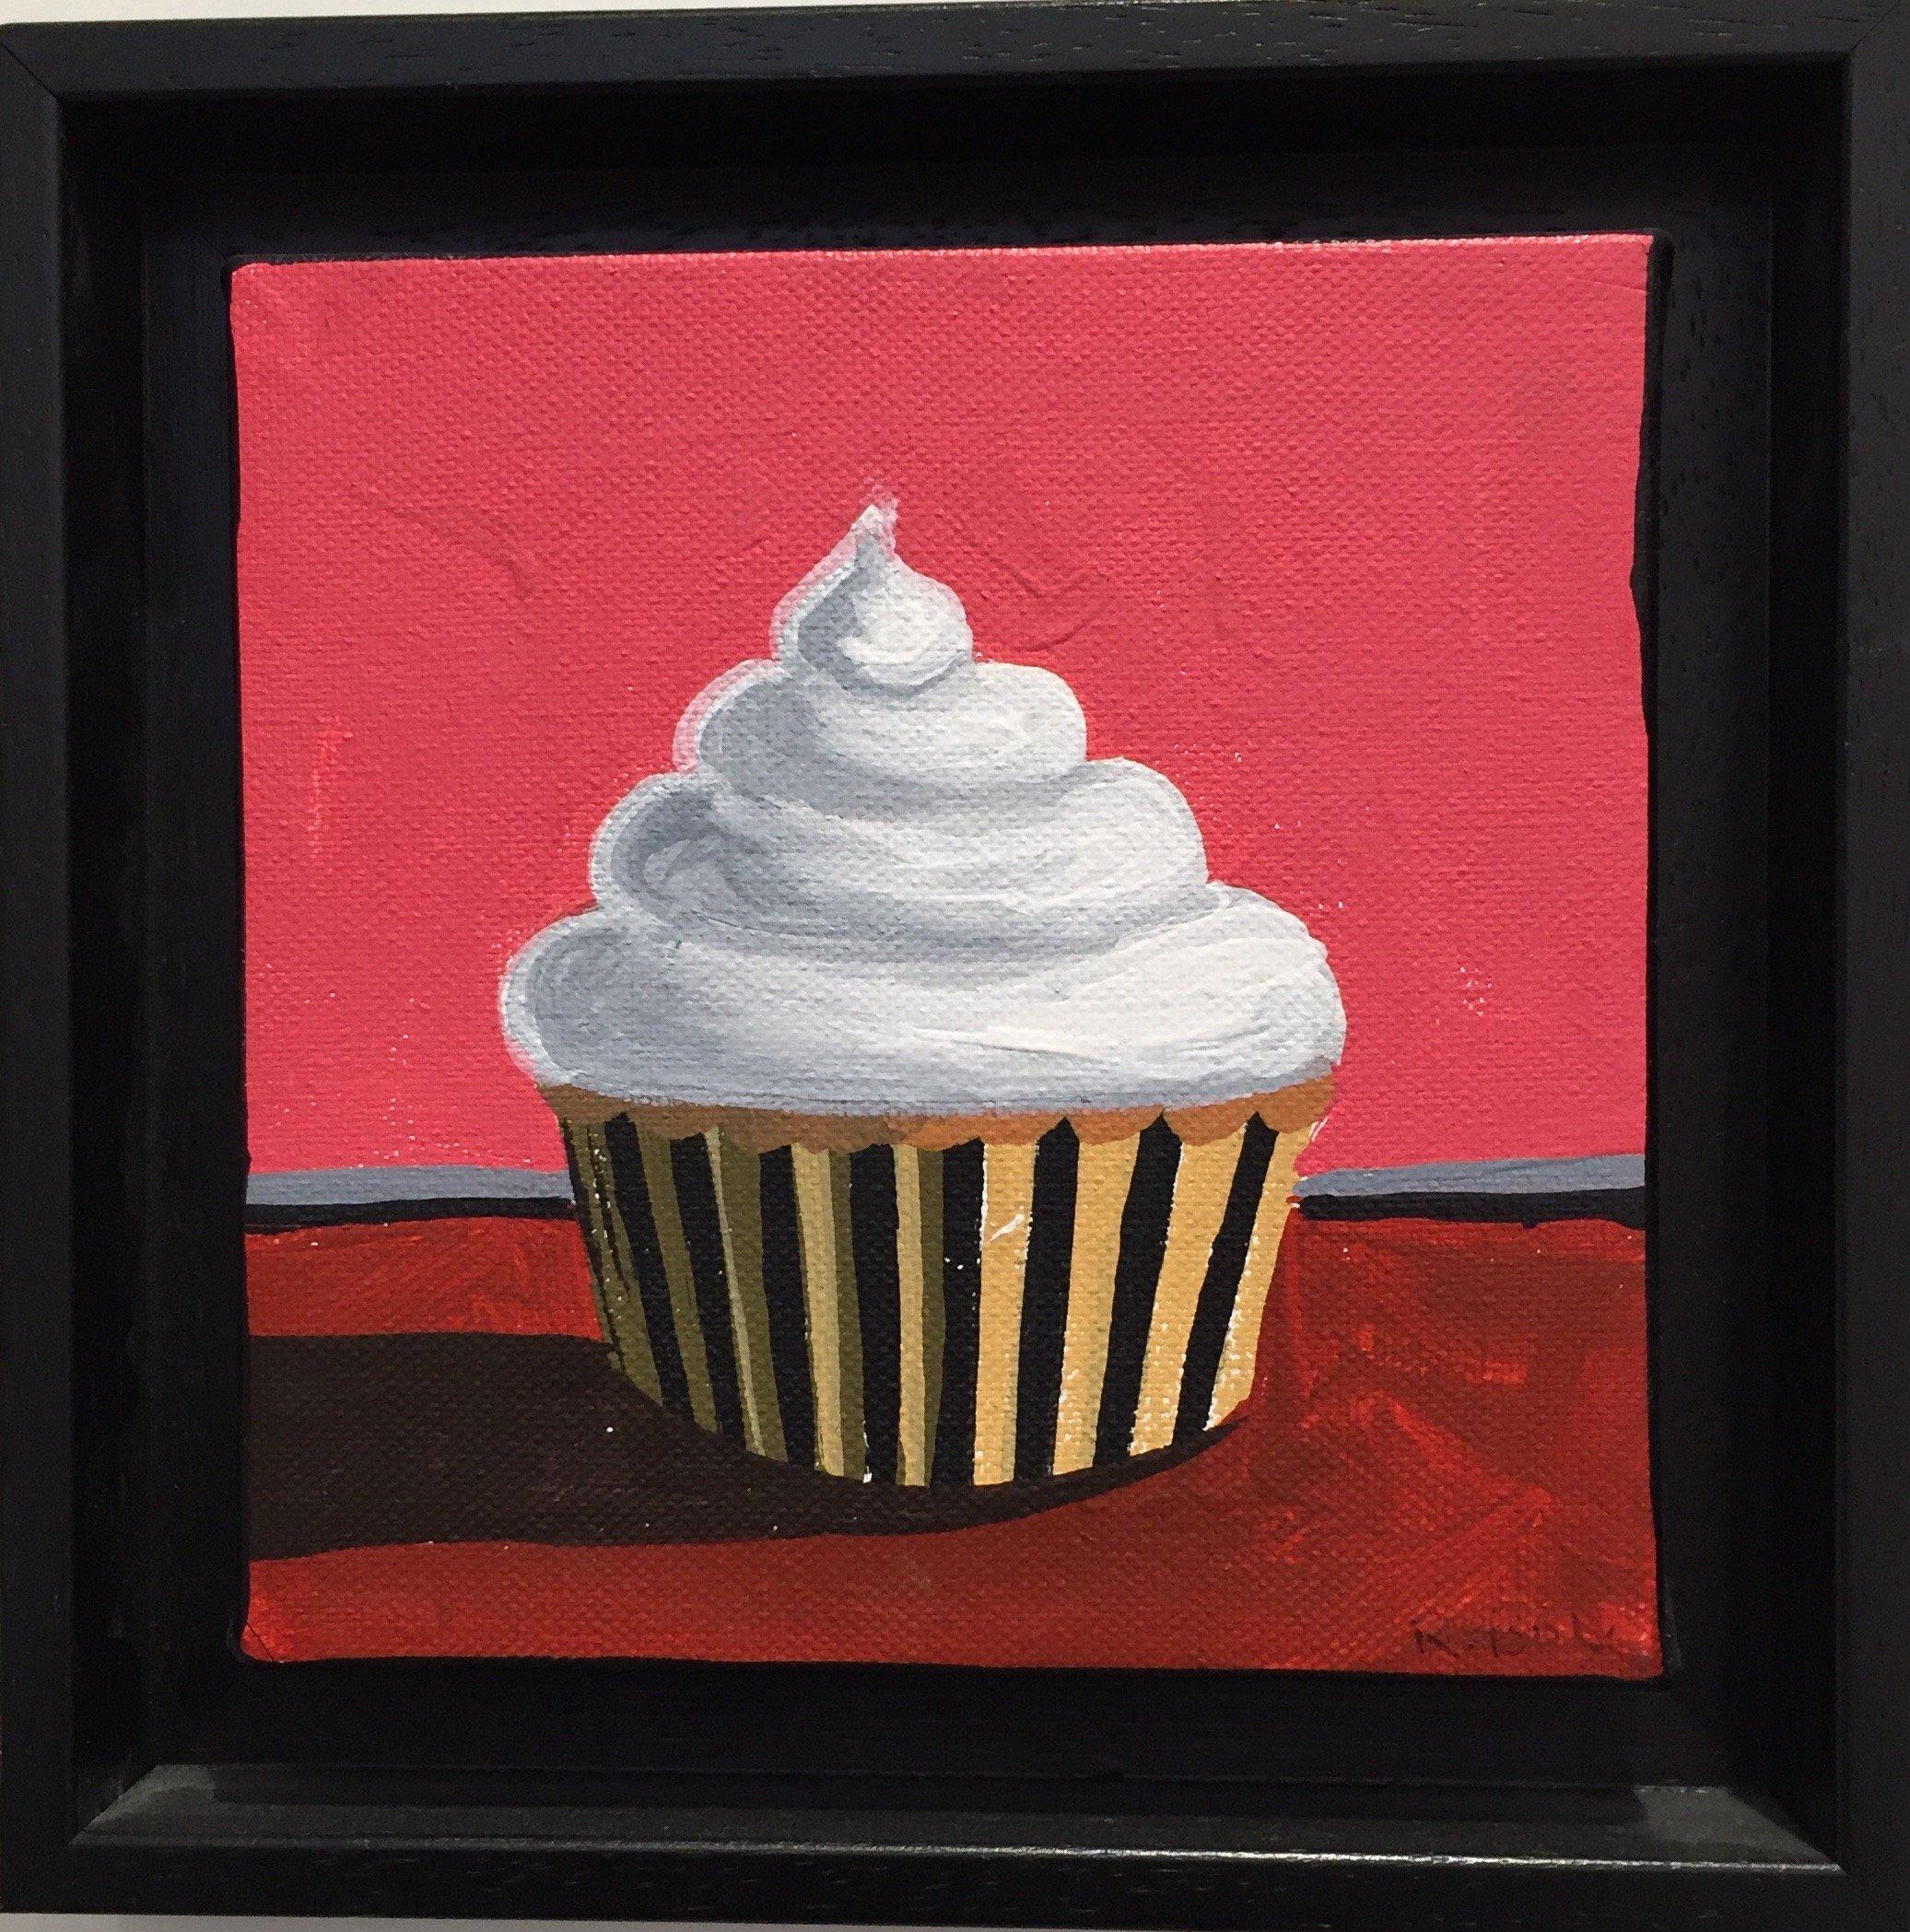 Cupcake IV